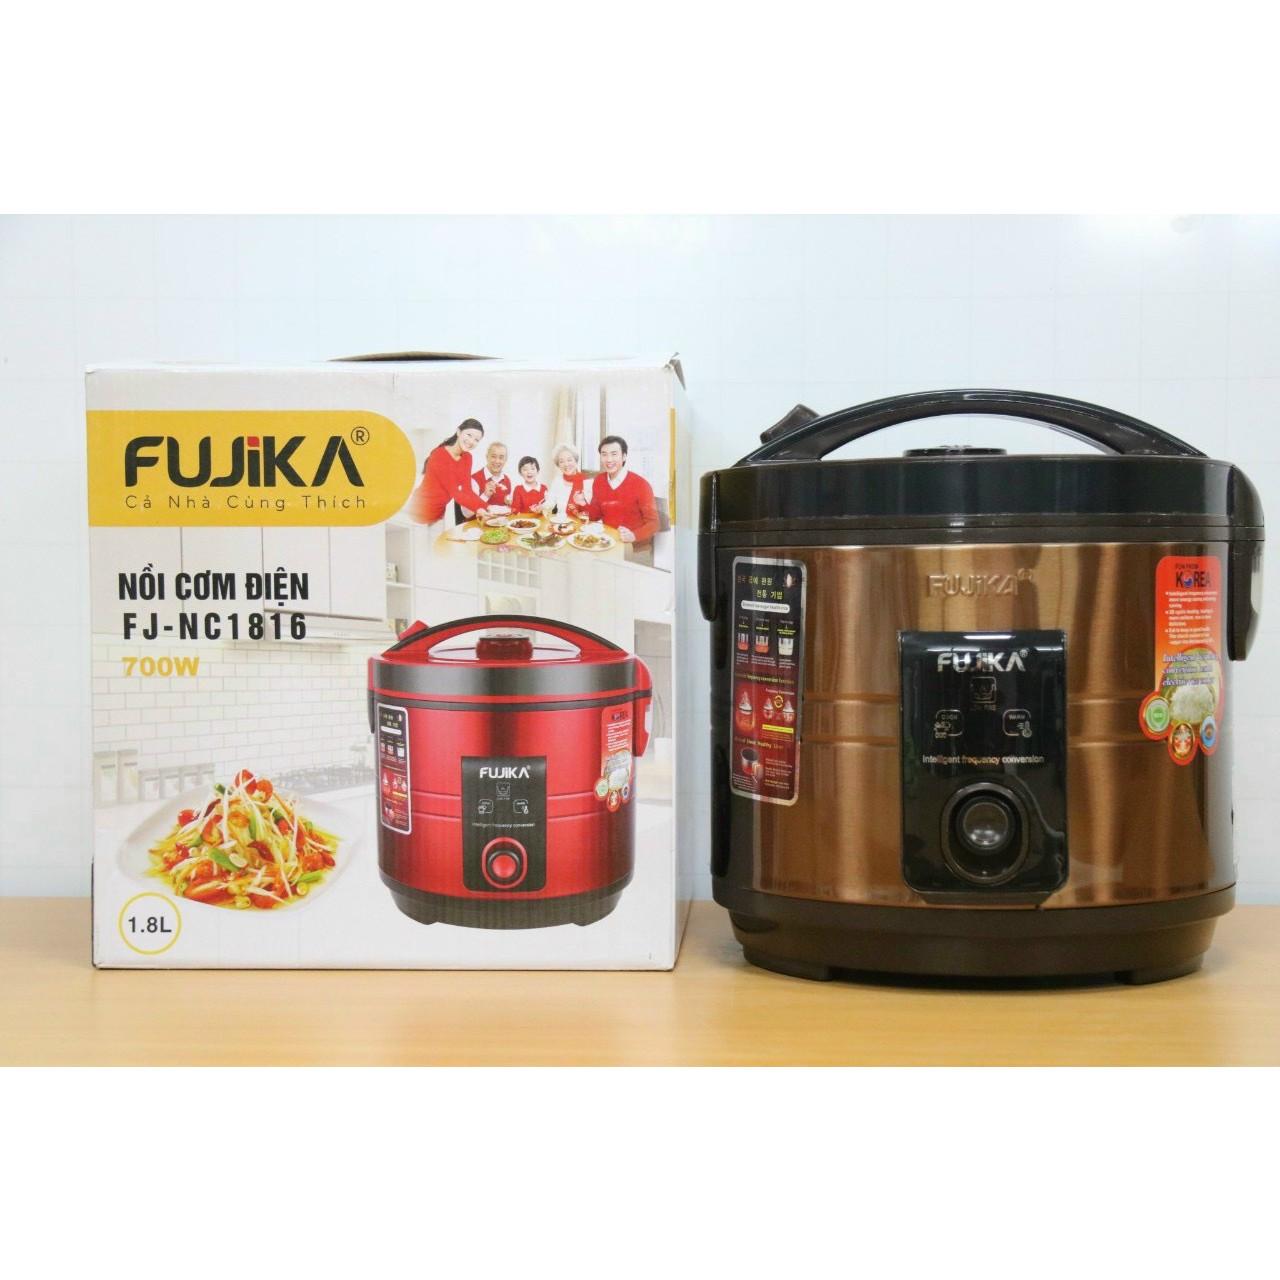 Nồi cơm điện Fujika 1.8L ( có chức năng tách đường )